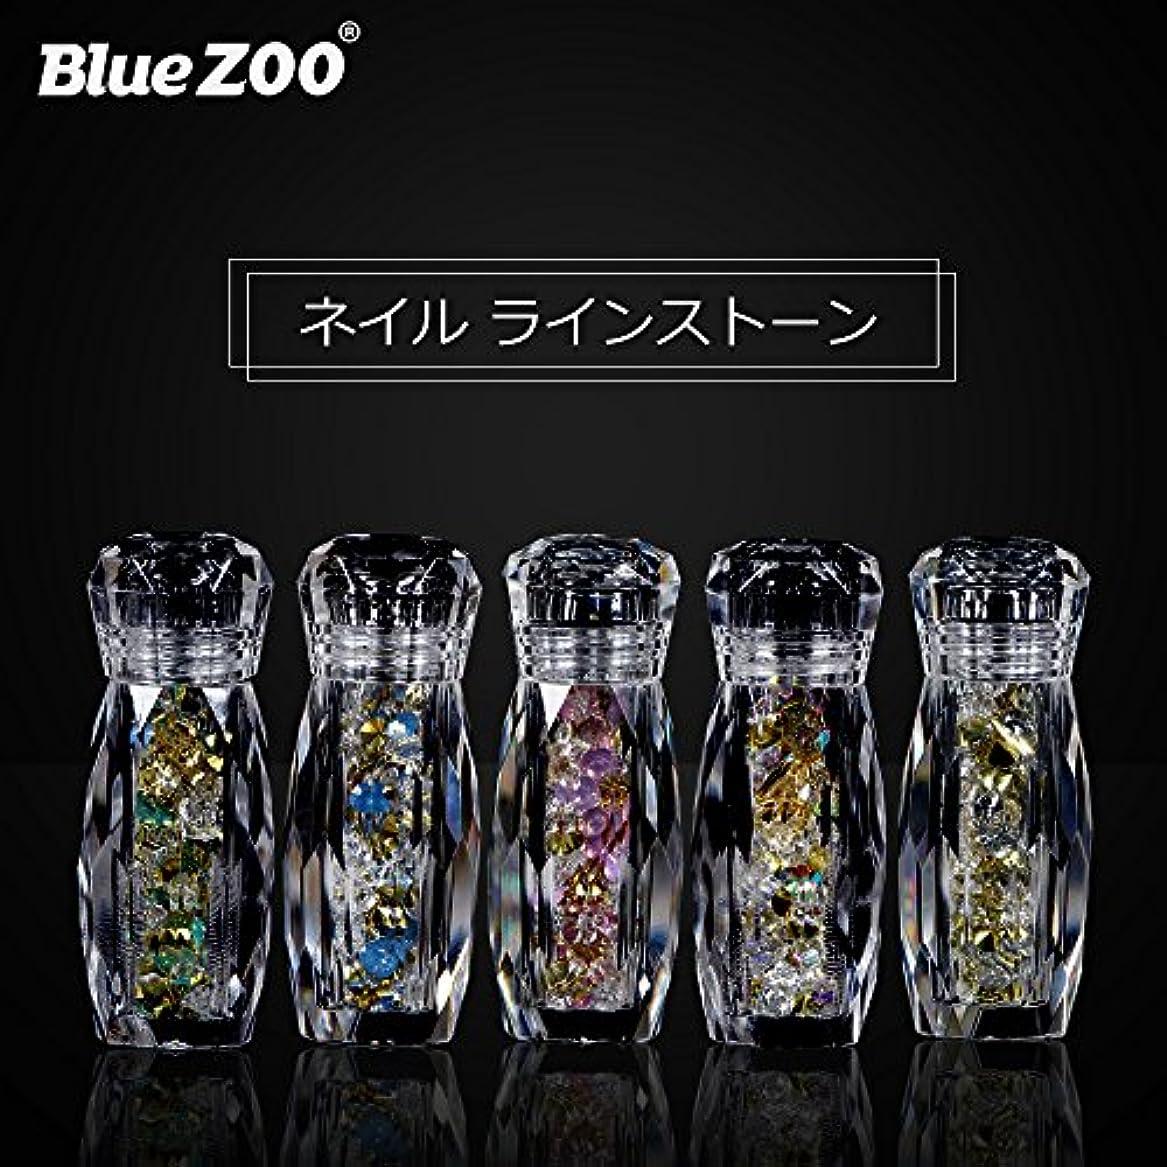 太陽旅行者どういたしましてBlueZOO (ブルーズー) 5本/セット クリスタルボトル マルチサイズ ネイルアクセサリー + Vカットダイヤモンド + ジェムサークル + タイニービーズ